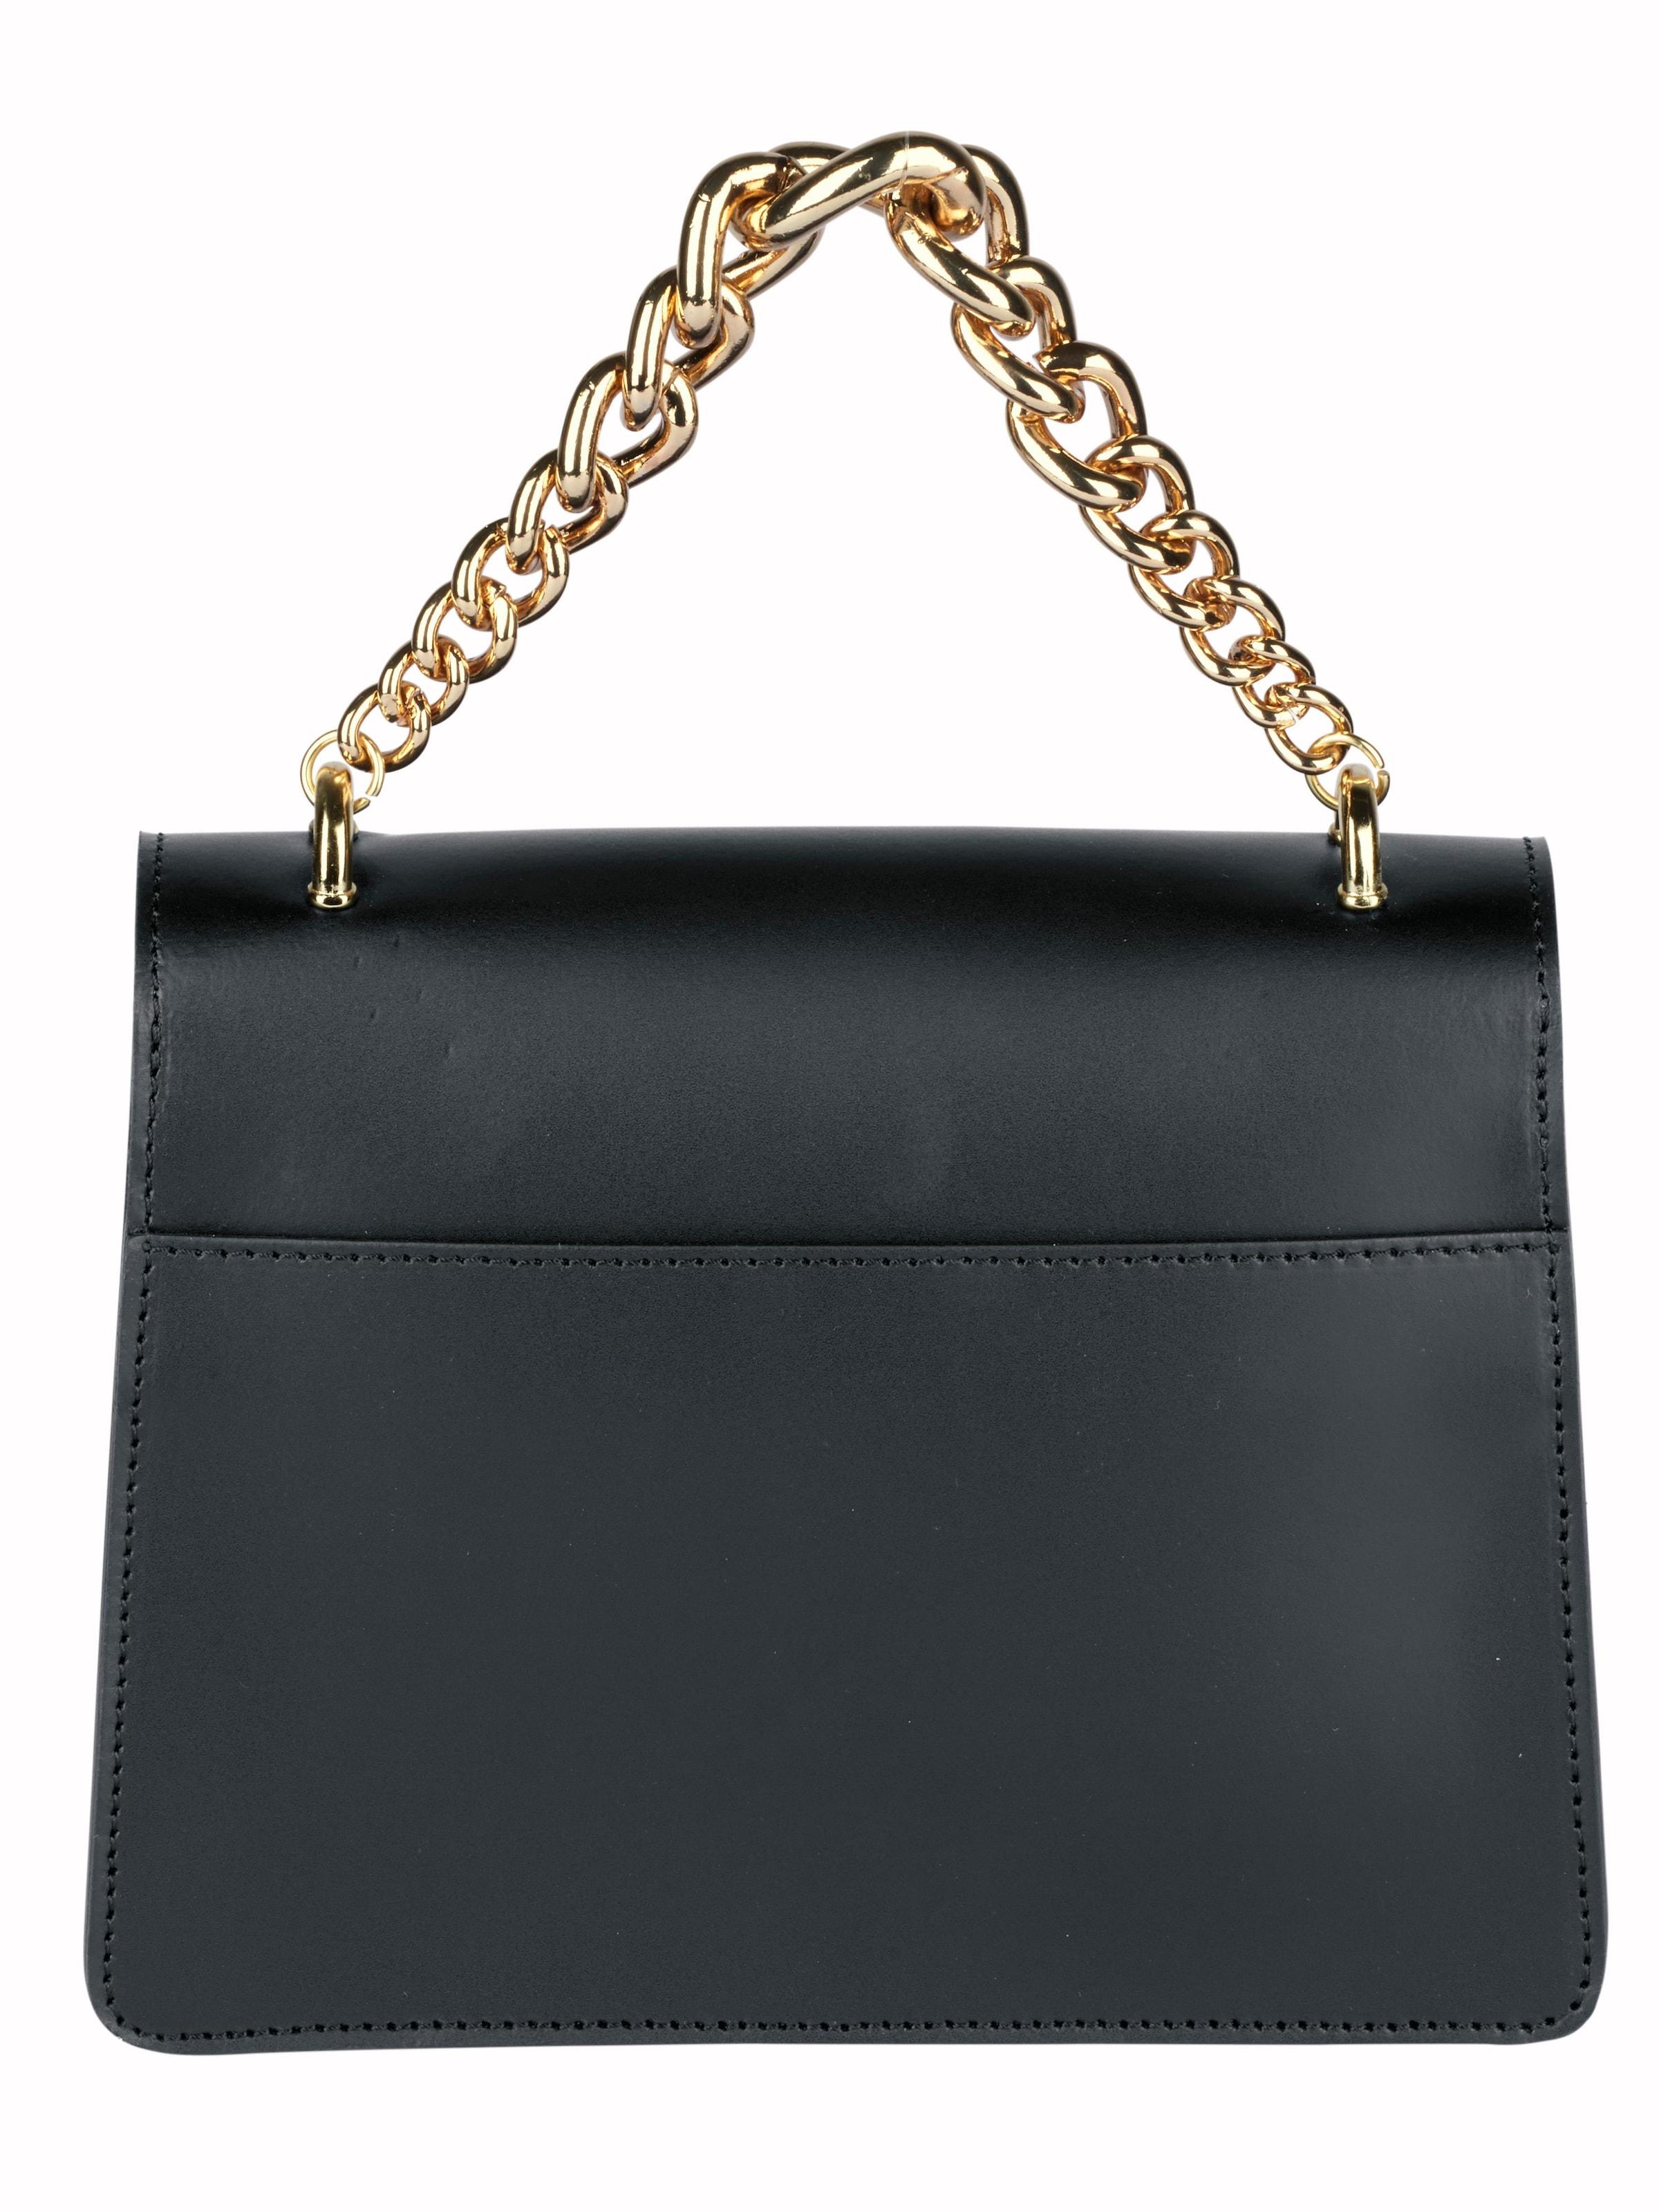 Spielraum Offizielle Seite Günstig Kaufen Top-Qualität COLLEZIONE ALESSANDRO Tasche mit Kettenhenkel dAViwzE7dA